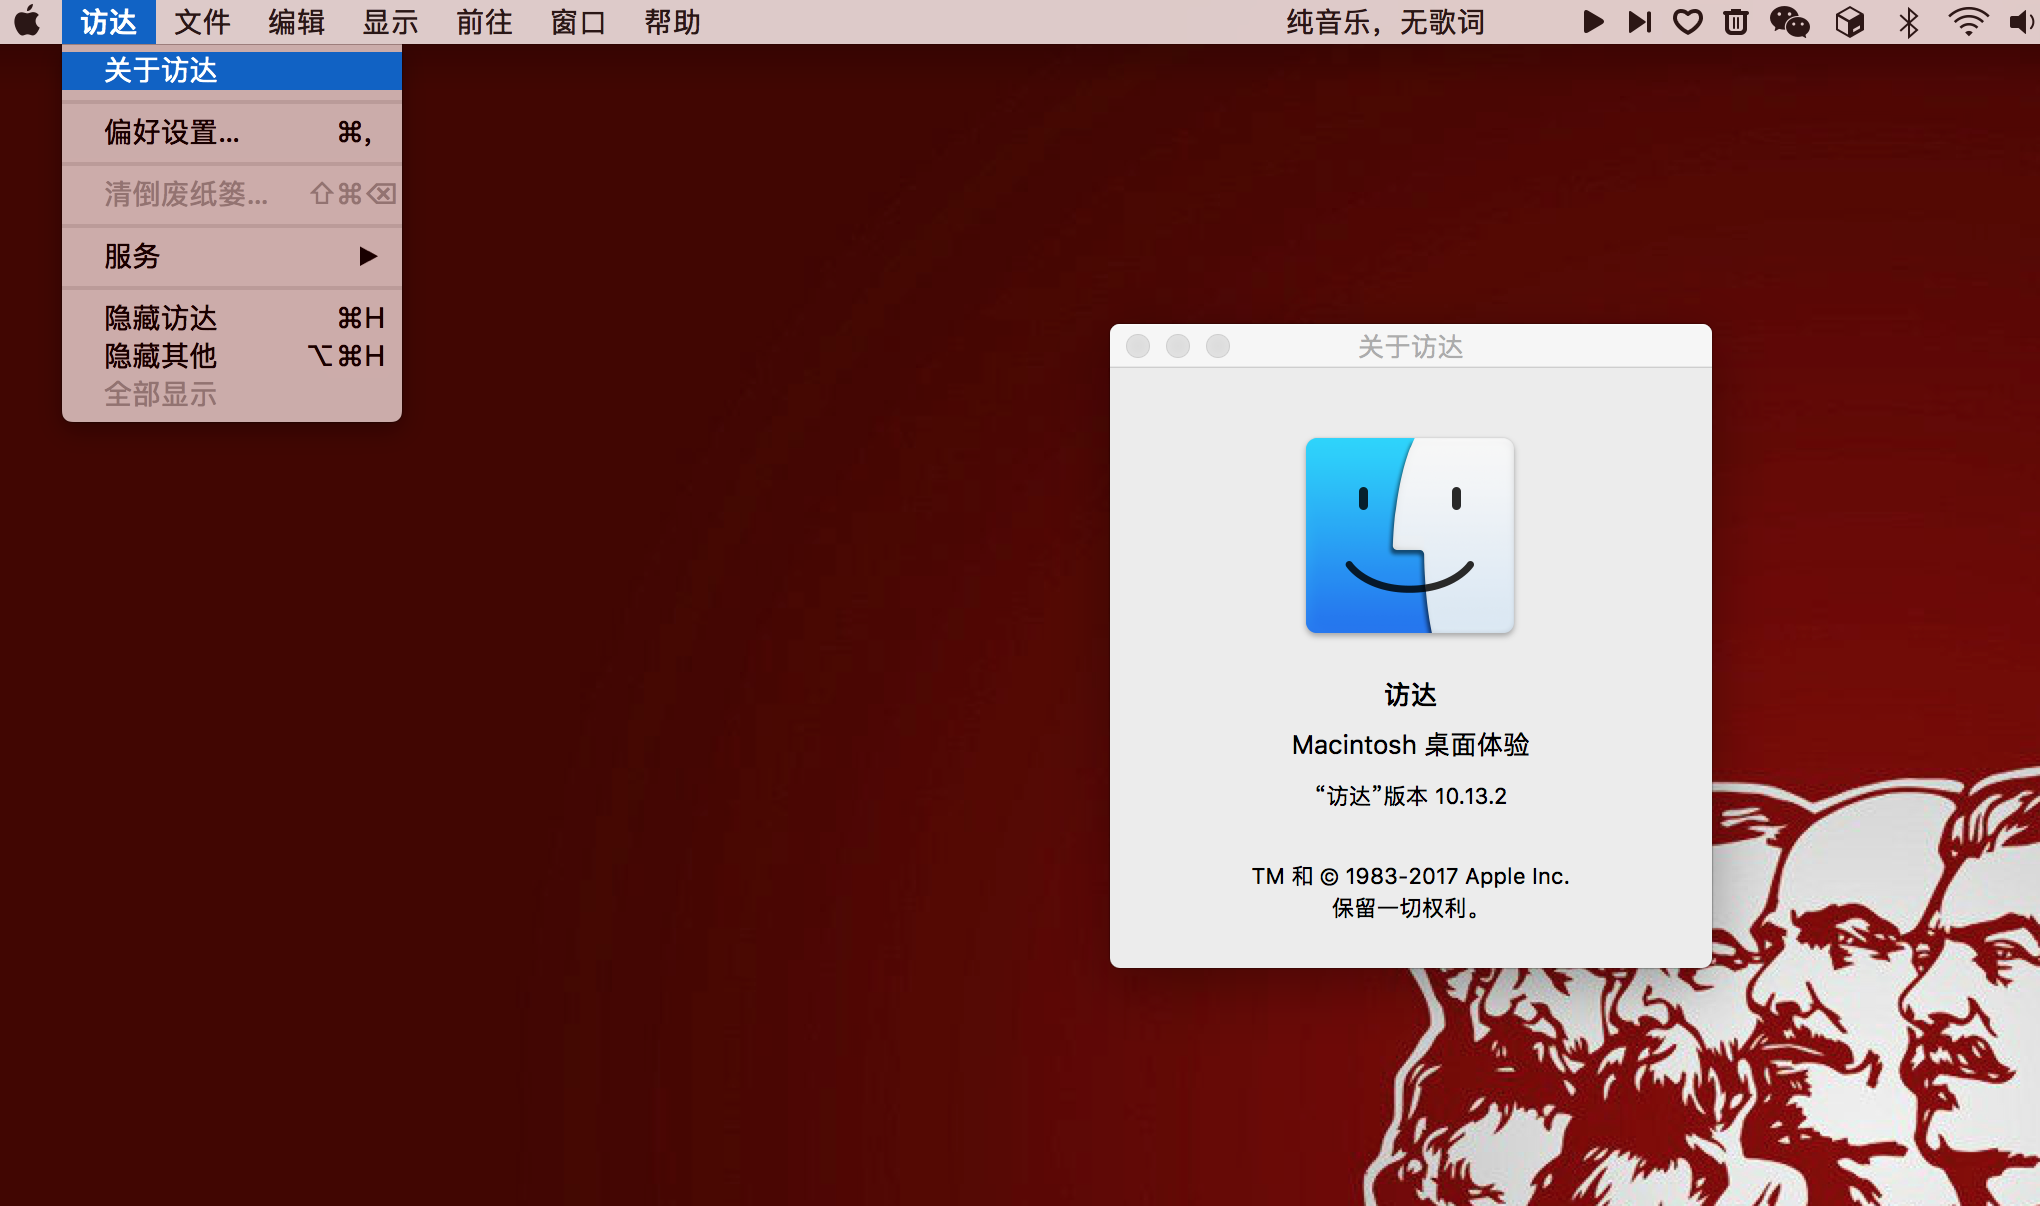 关于Mac的访达已经无力吐槽,之前还没有注意到。。